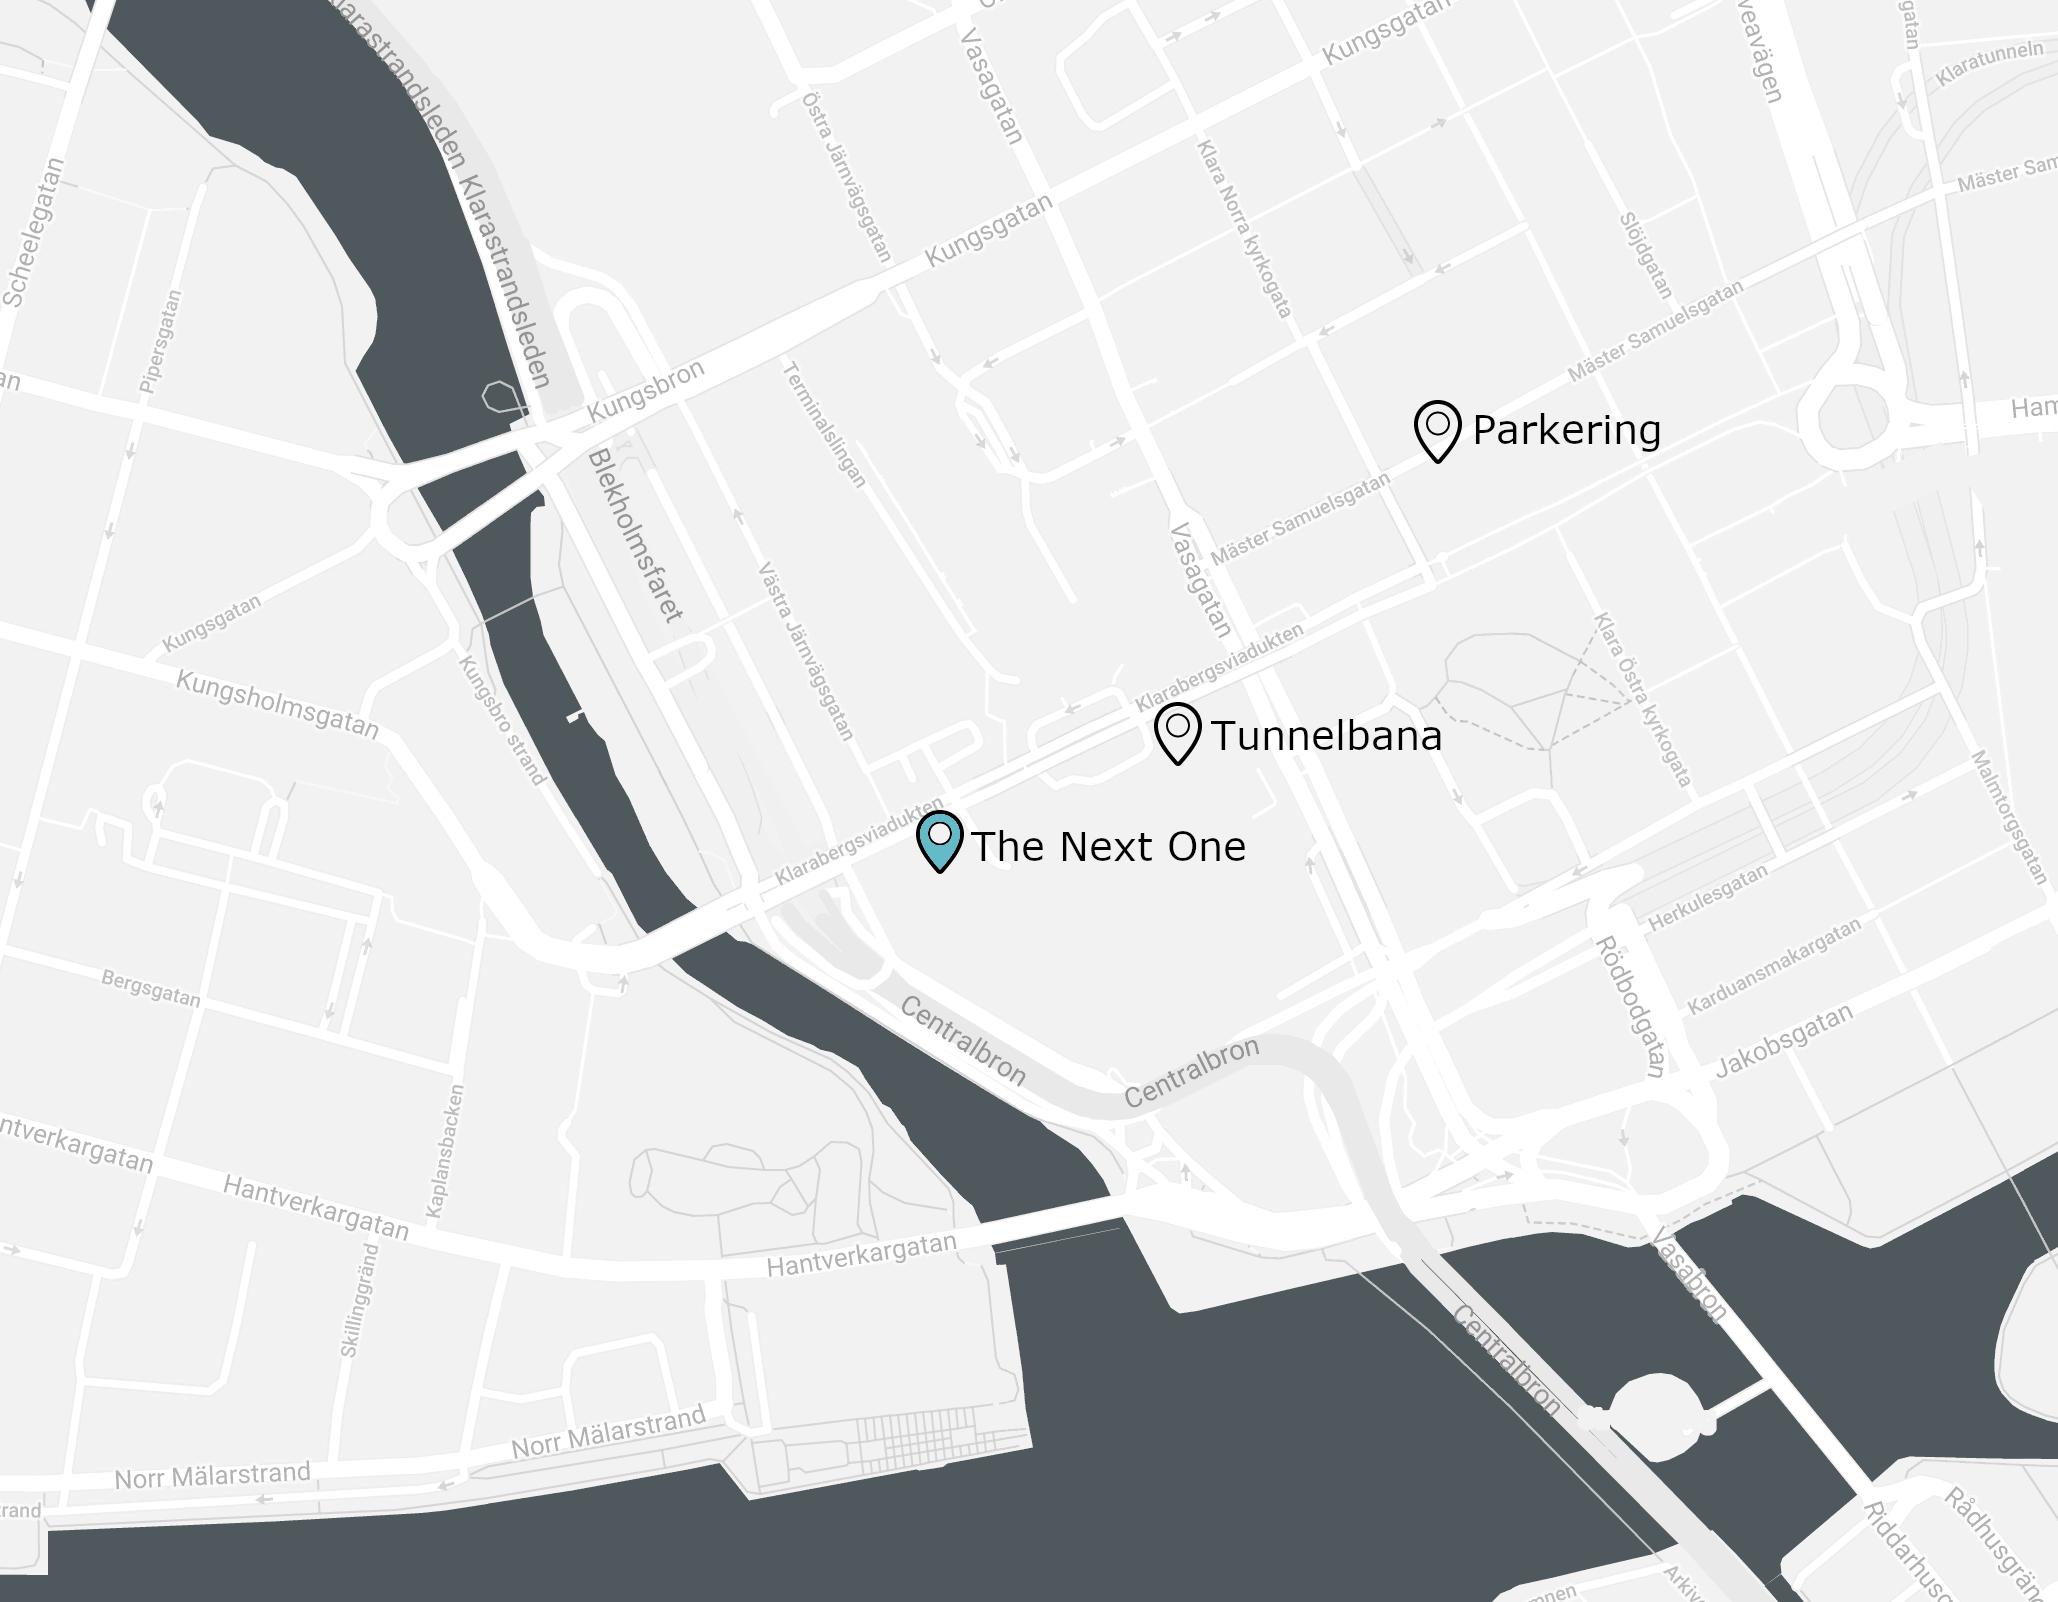 Klarabergsviadukten 63, 111 64 Stockholm